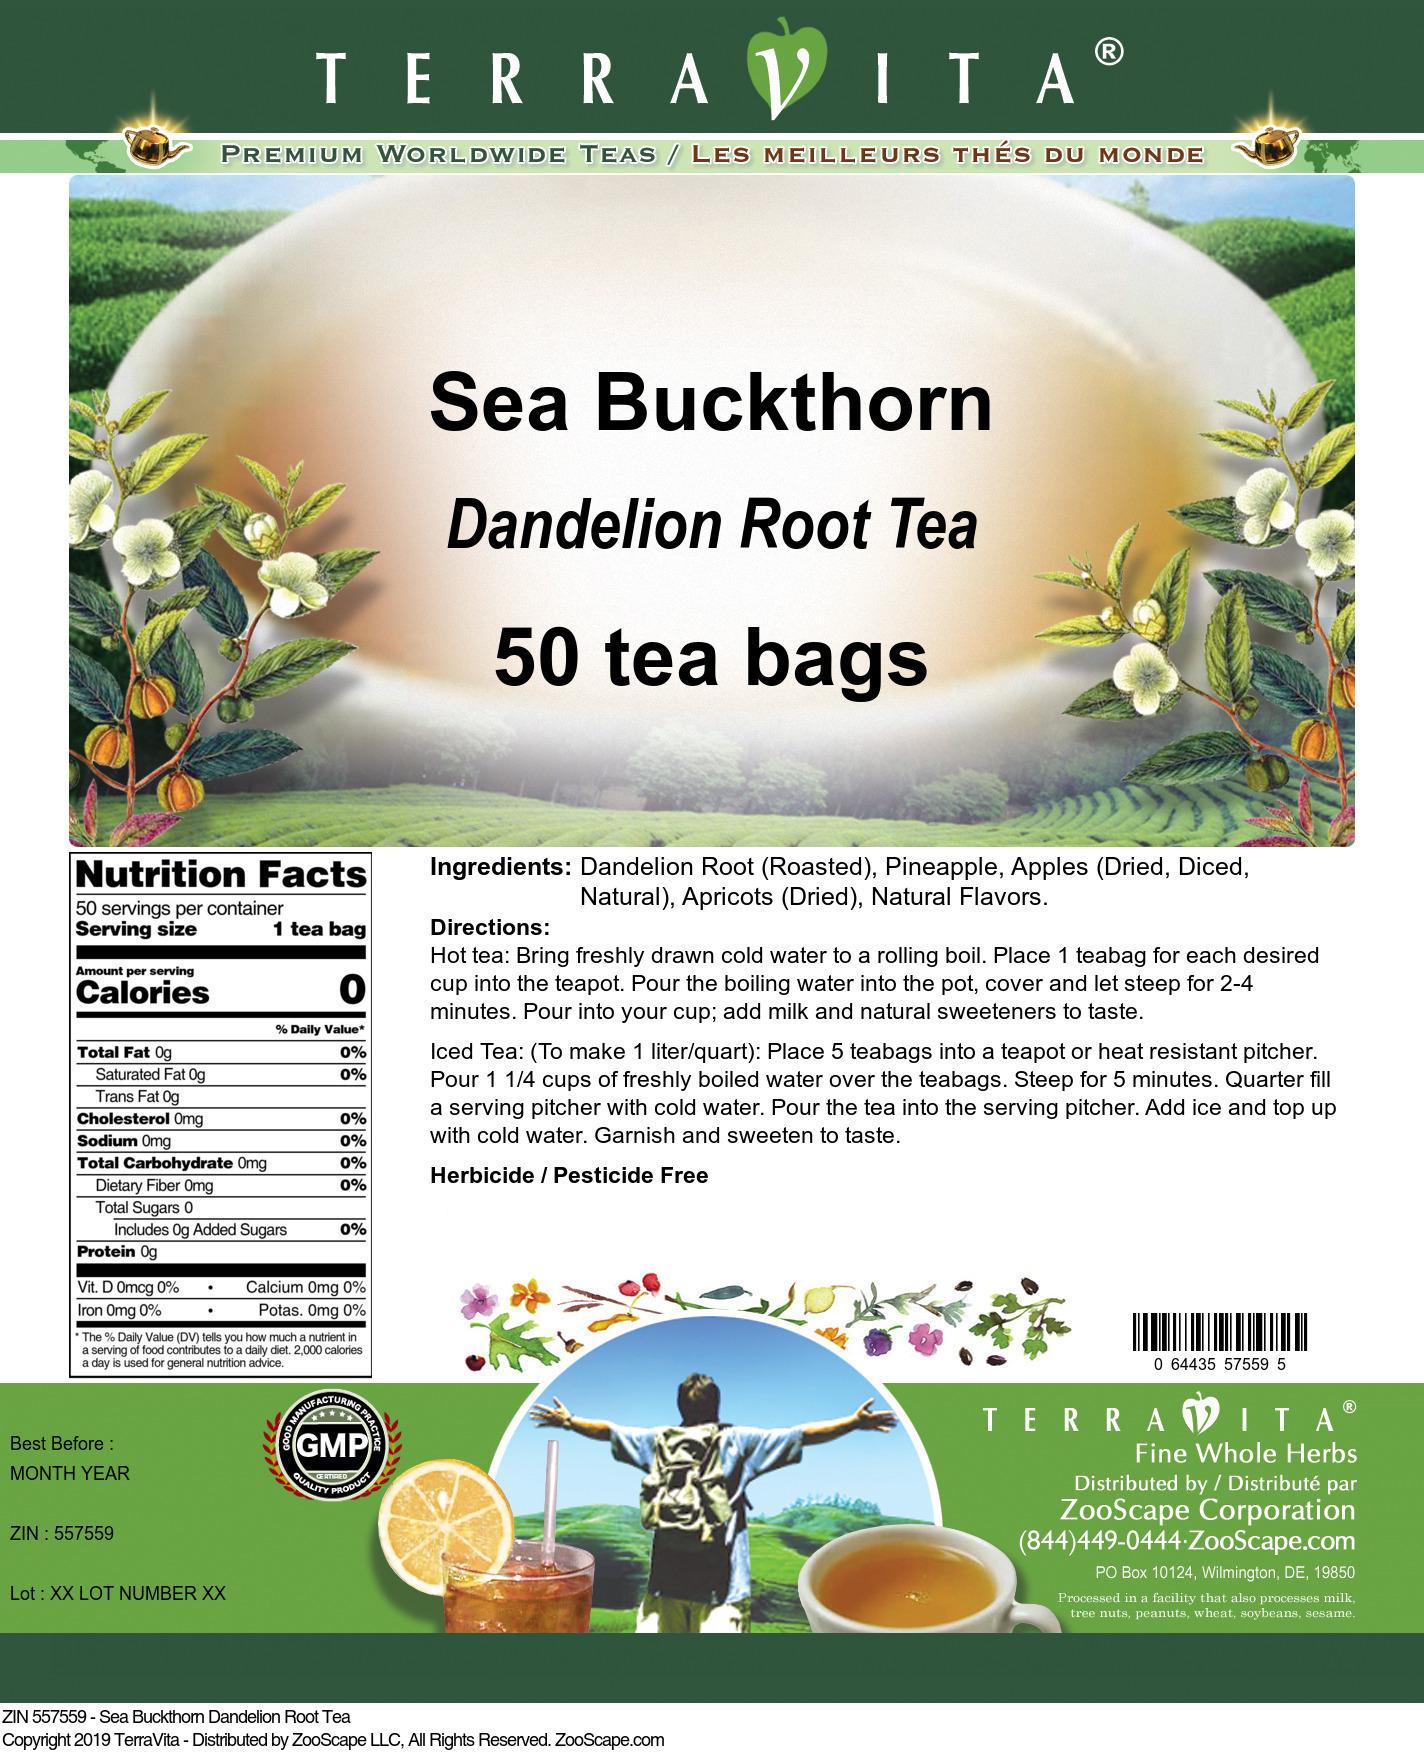 Sea Buckthorn Dandelion Root